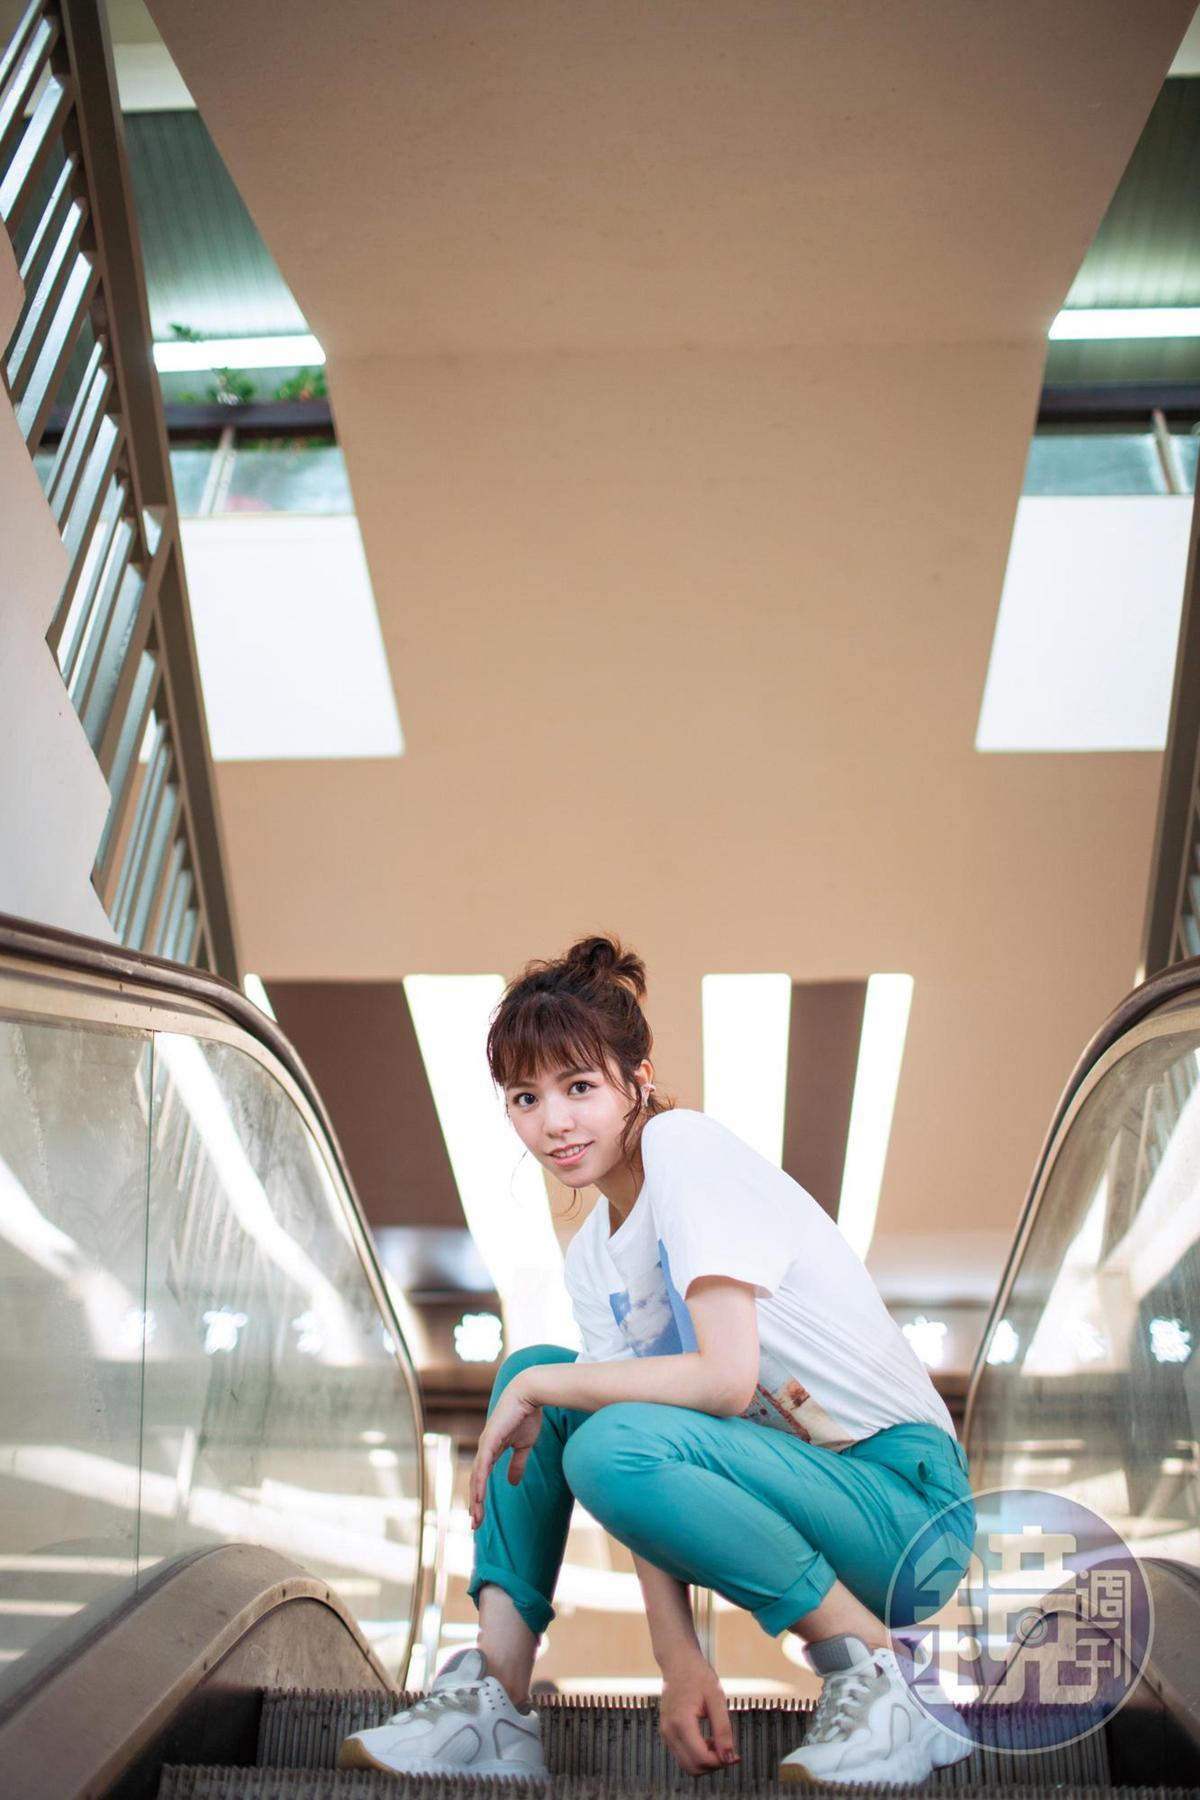 26歲的宋芸樺,外表依然很可以裝嫩,但心理年齡,已被戲裡的人生快速熟成催化。